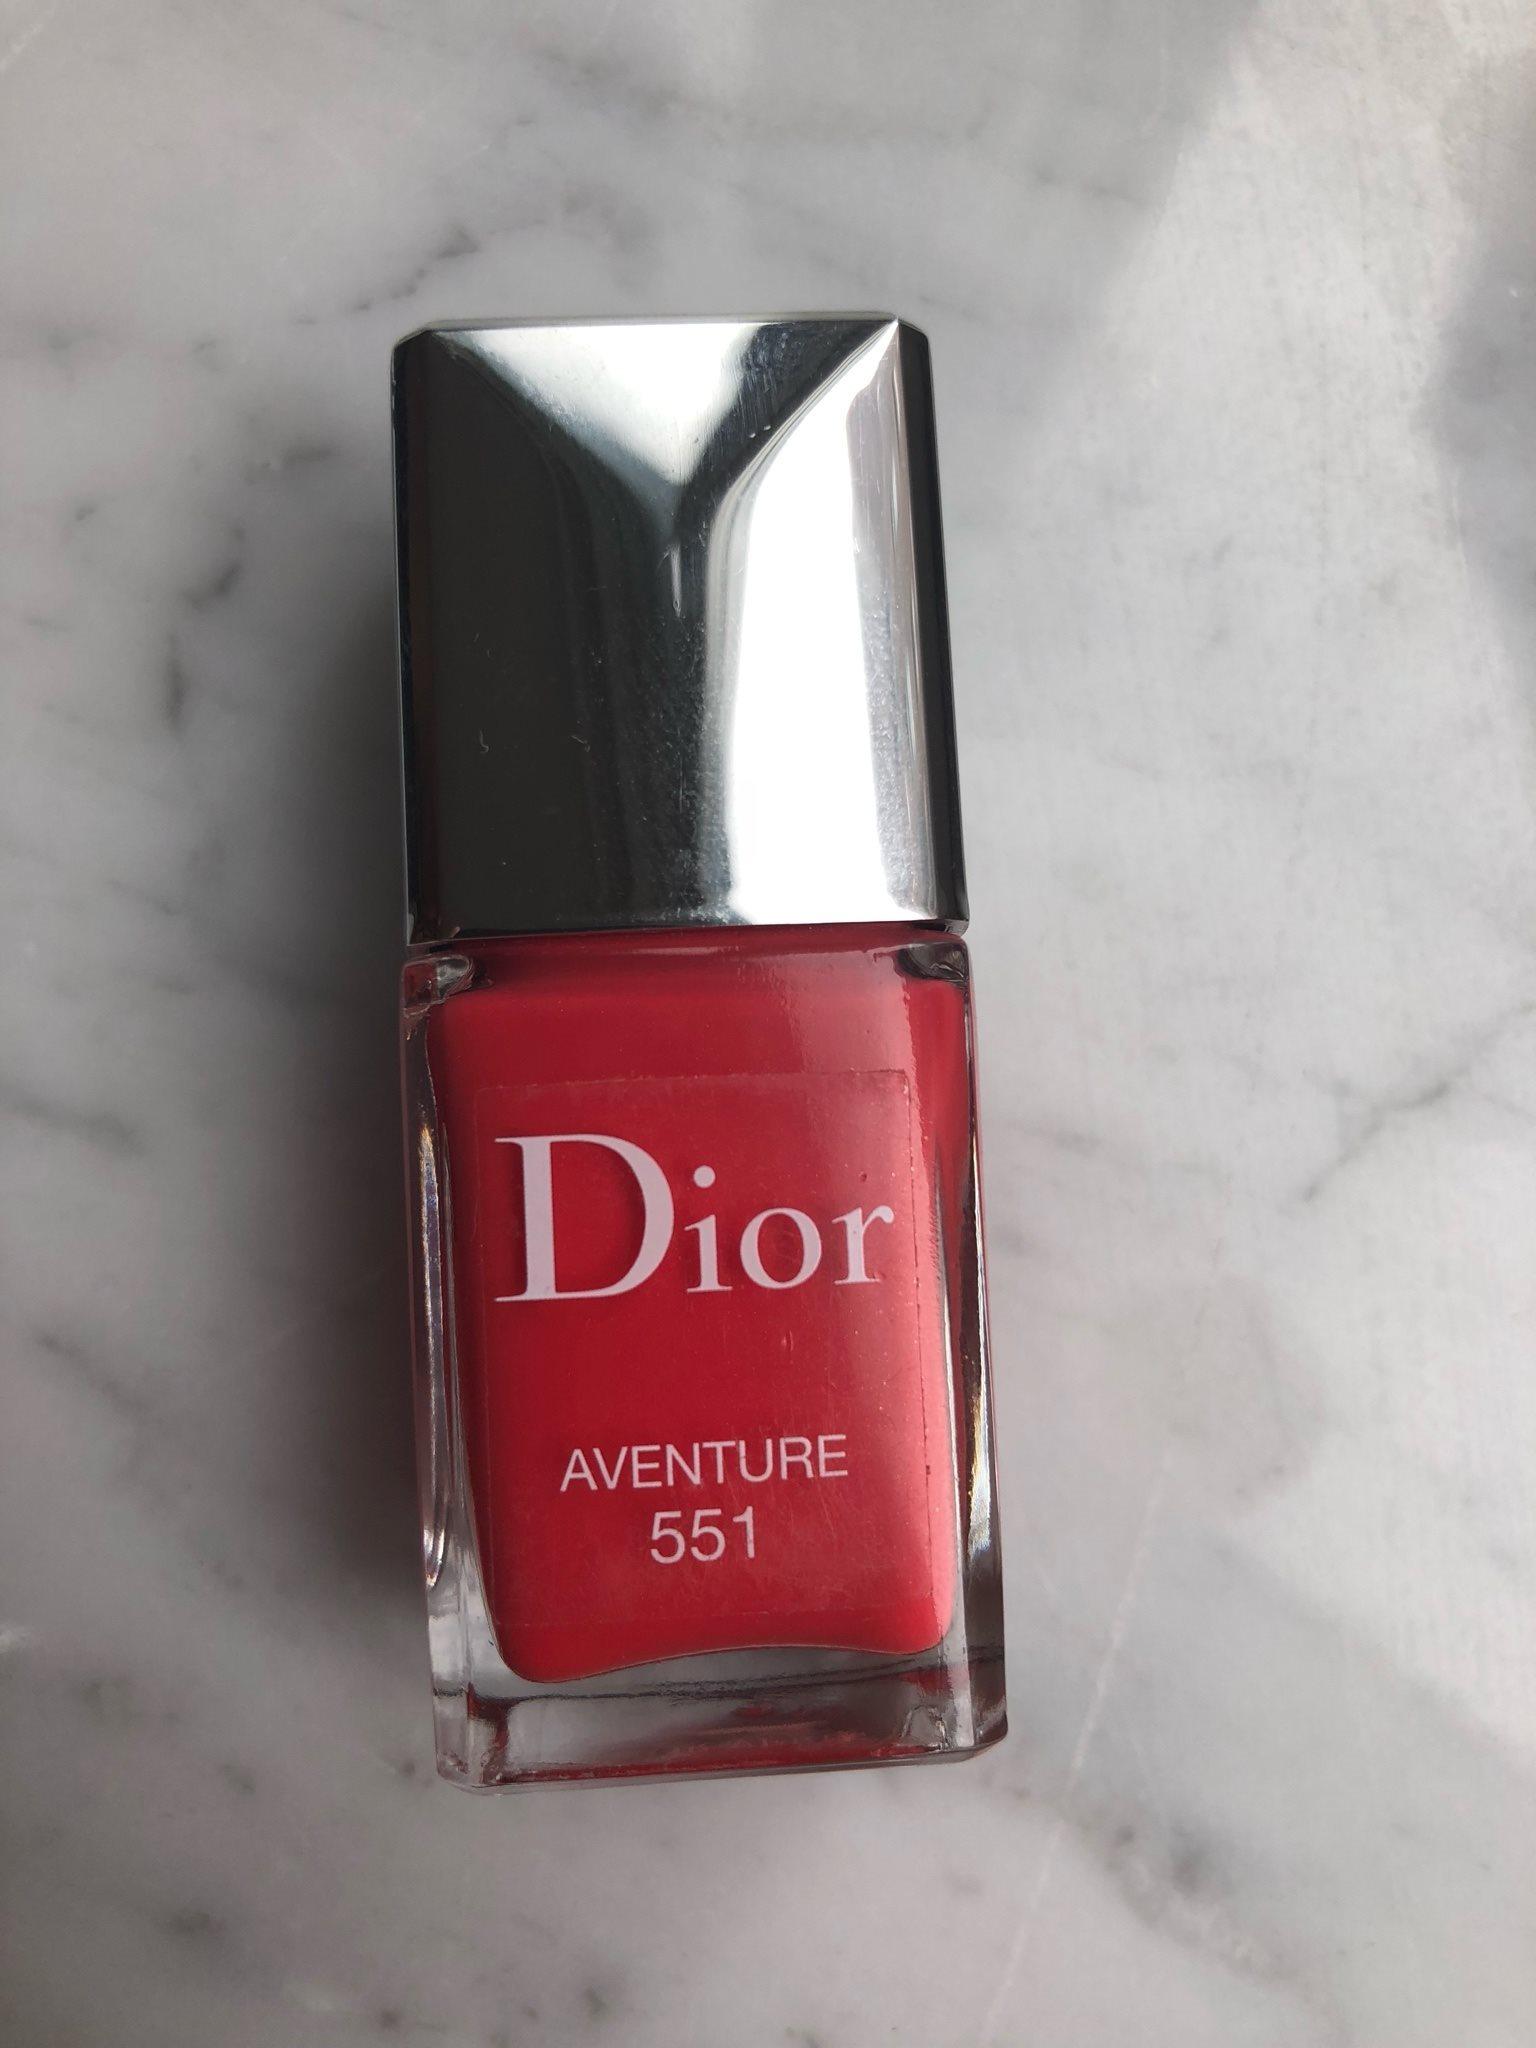 Großartig Nagellack Dior Fotos - Nagellack-Design-Ideen - glennbasso.com